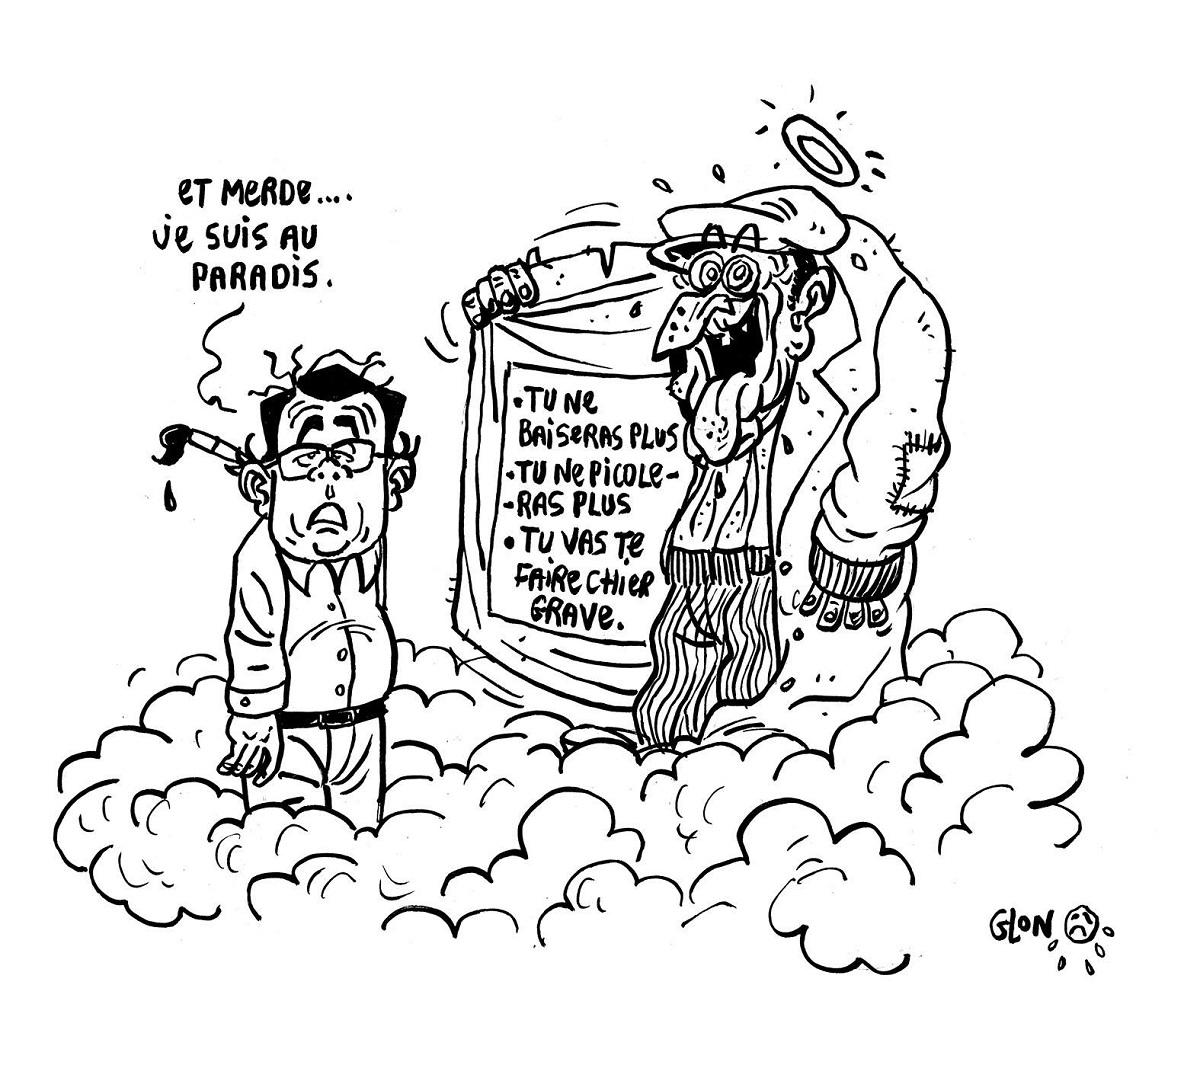 dessin humoristique de Gotlib au Paradis accueilli par Pervers Pépère